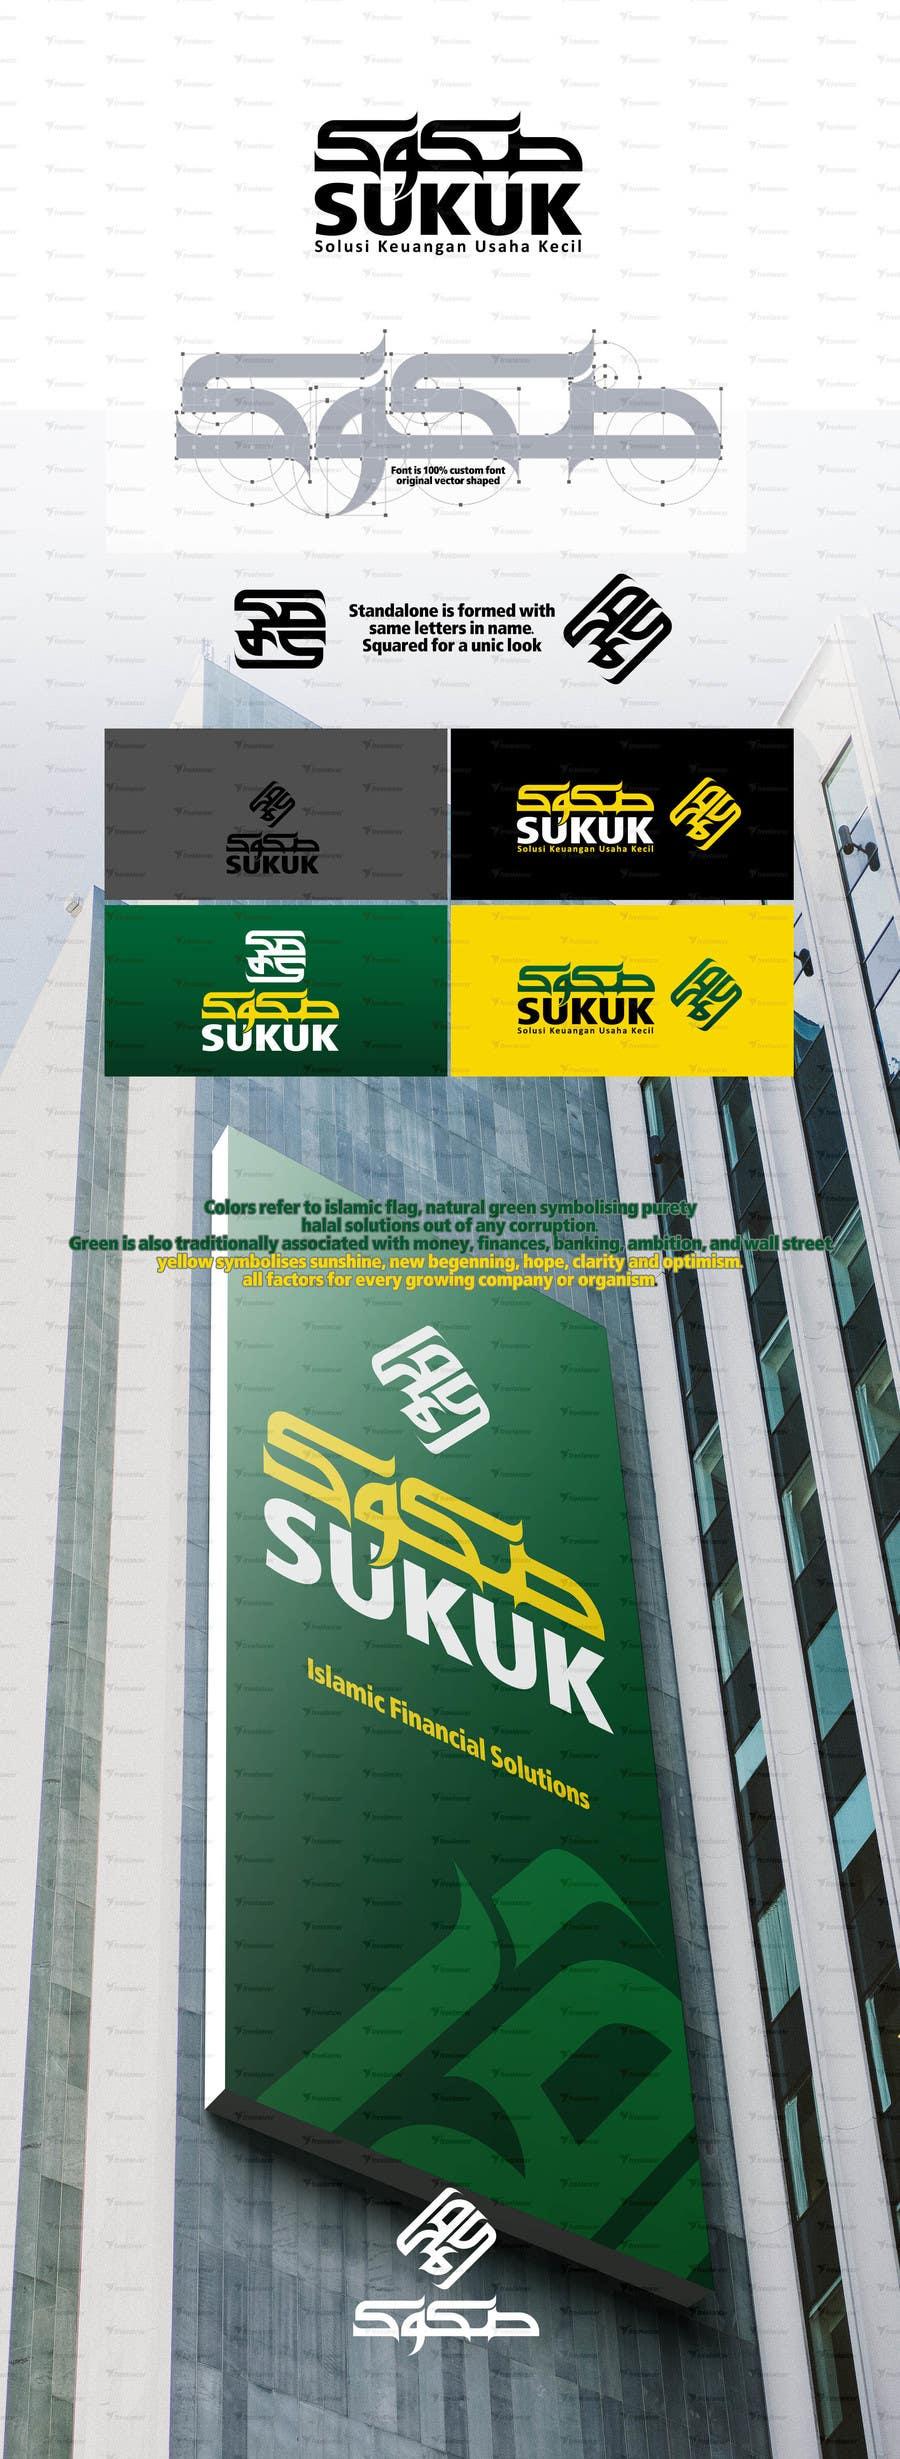 Proposition n°106 du concours Design an Arabic Logo for SUKUK